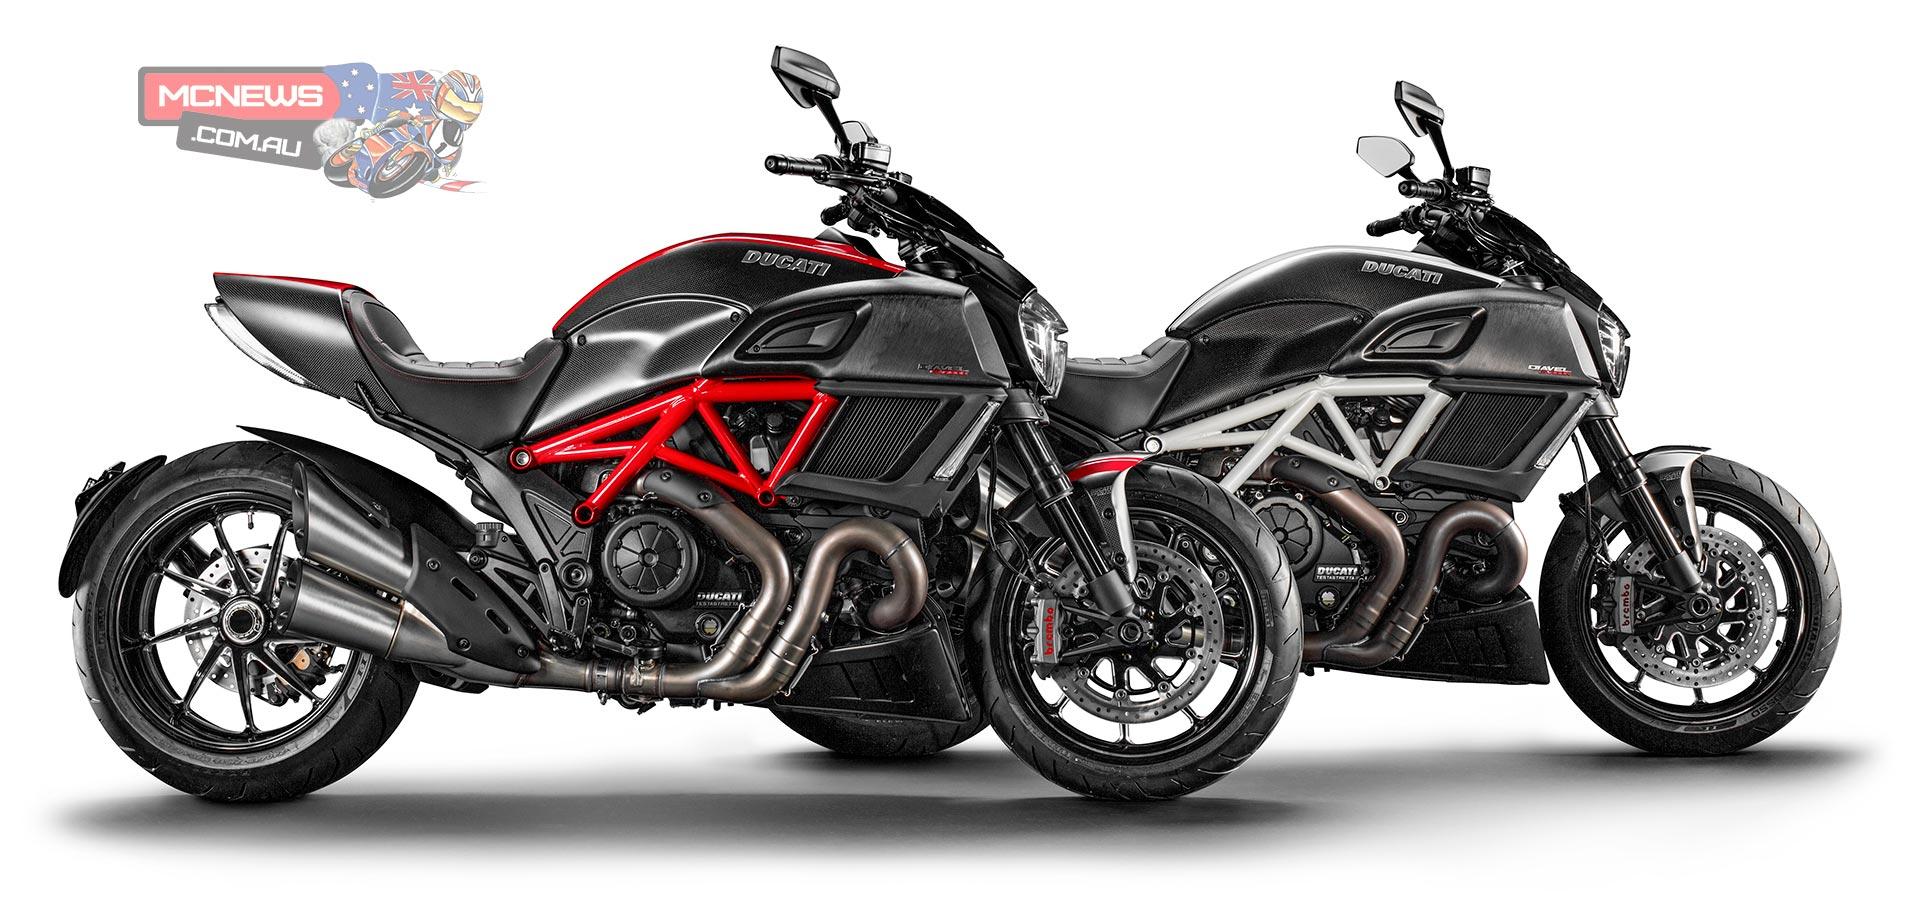 Ducati Diavel In Carbon Or Titanium Mcnews Com Au